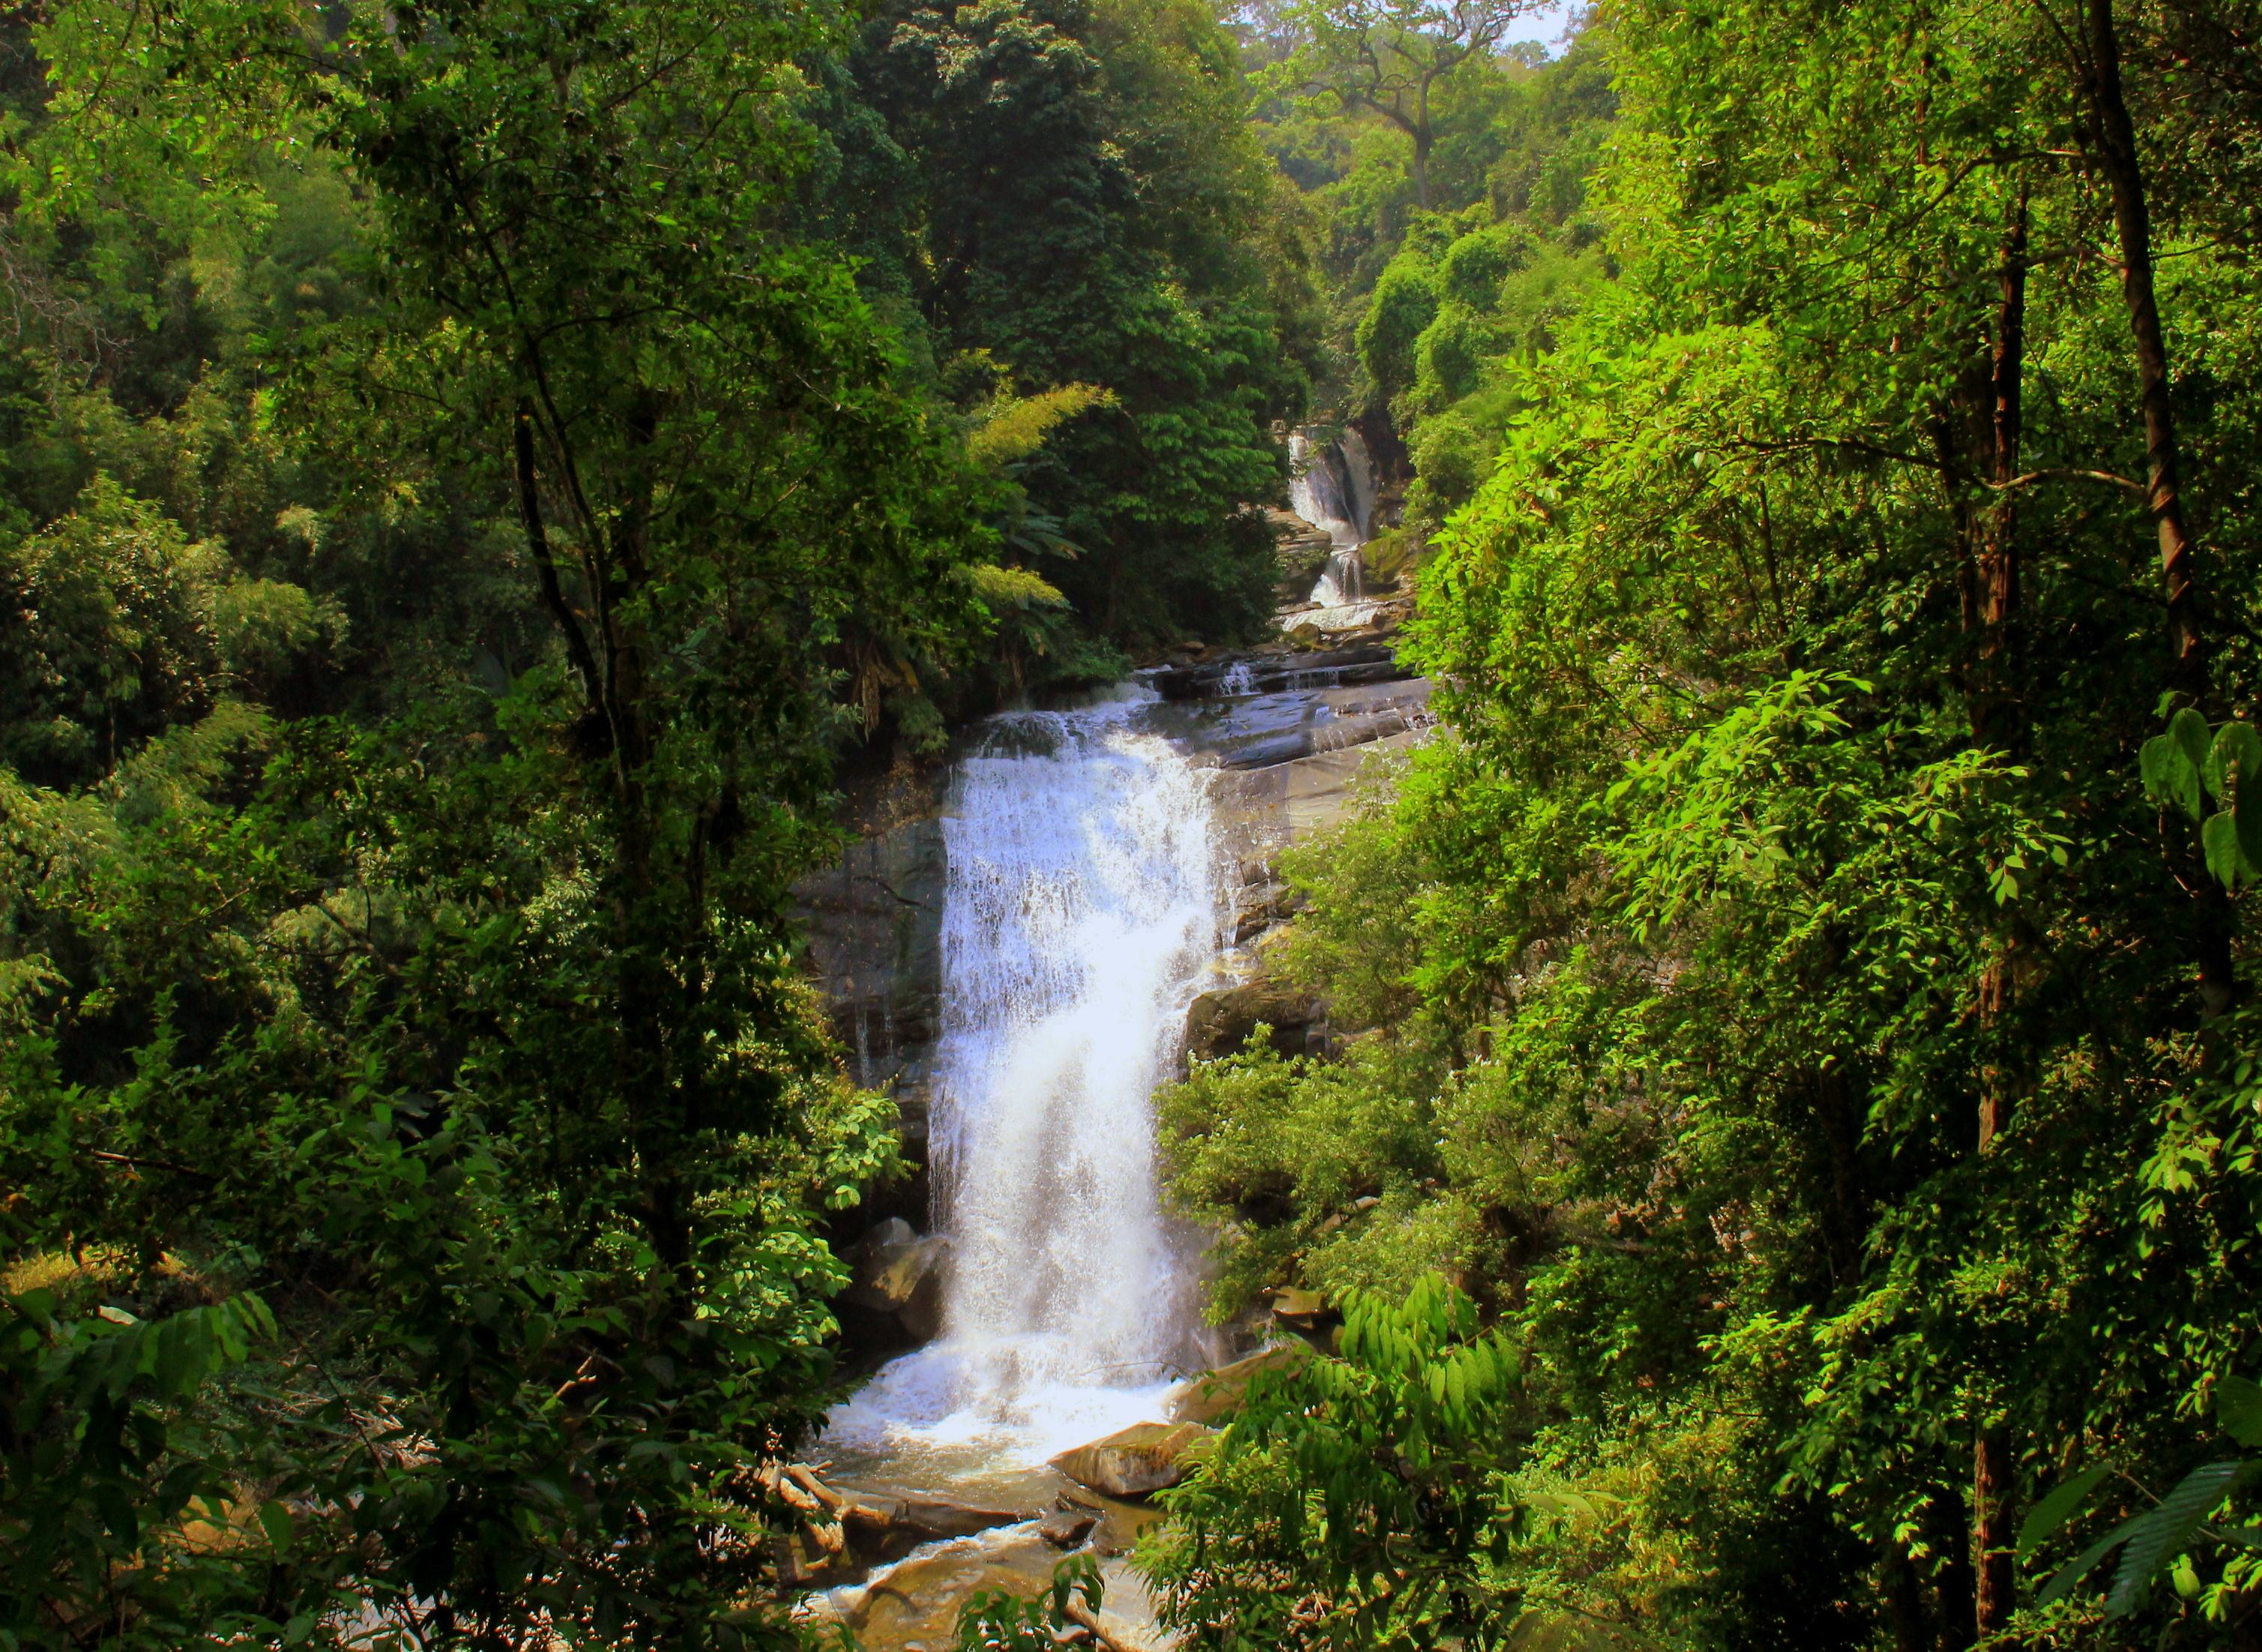 doi inthanon has many waterfalls